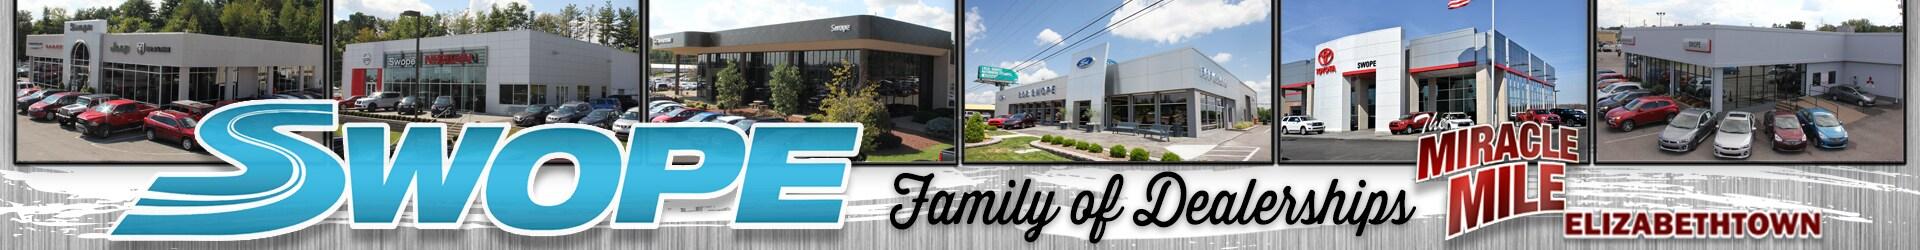 swope family of dealerships a elizabethtown family of dealerships dealer with new used and. Black Bedroom Furniture Sets. Home Design Ideas